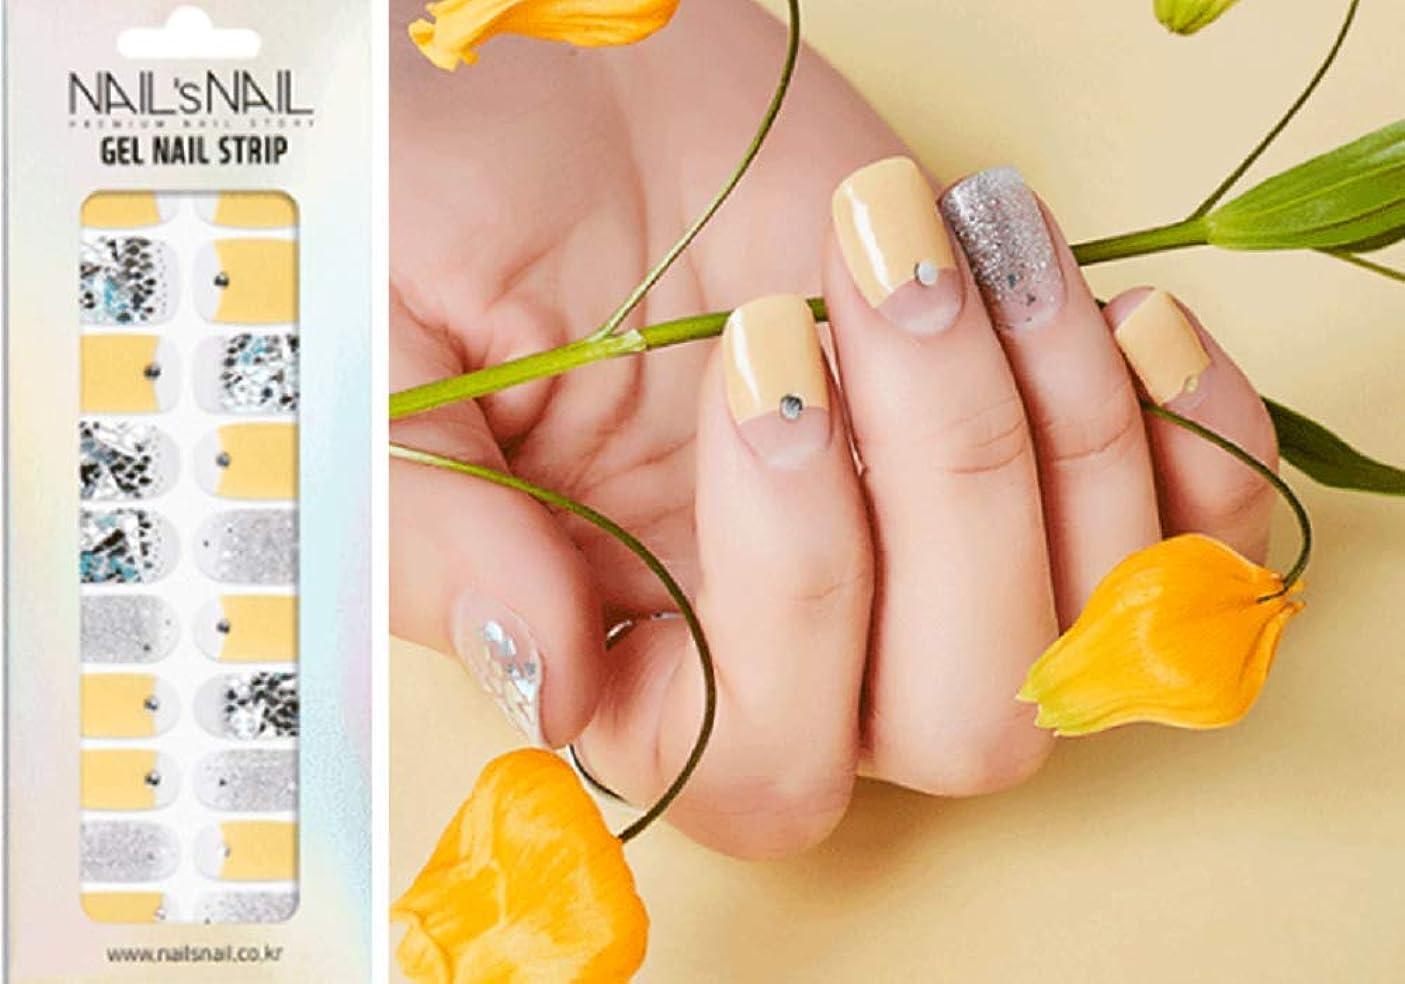 隠迫害する悪質な\貼るジェルネイル/Nail's Nail(ネイルスネイル) ジェルネイルストリップ 113